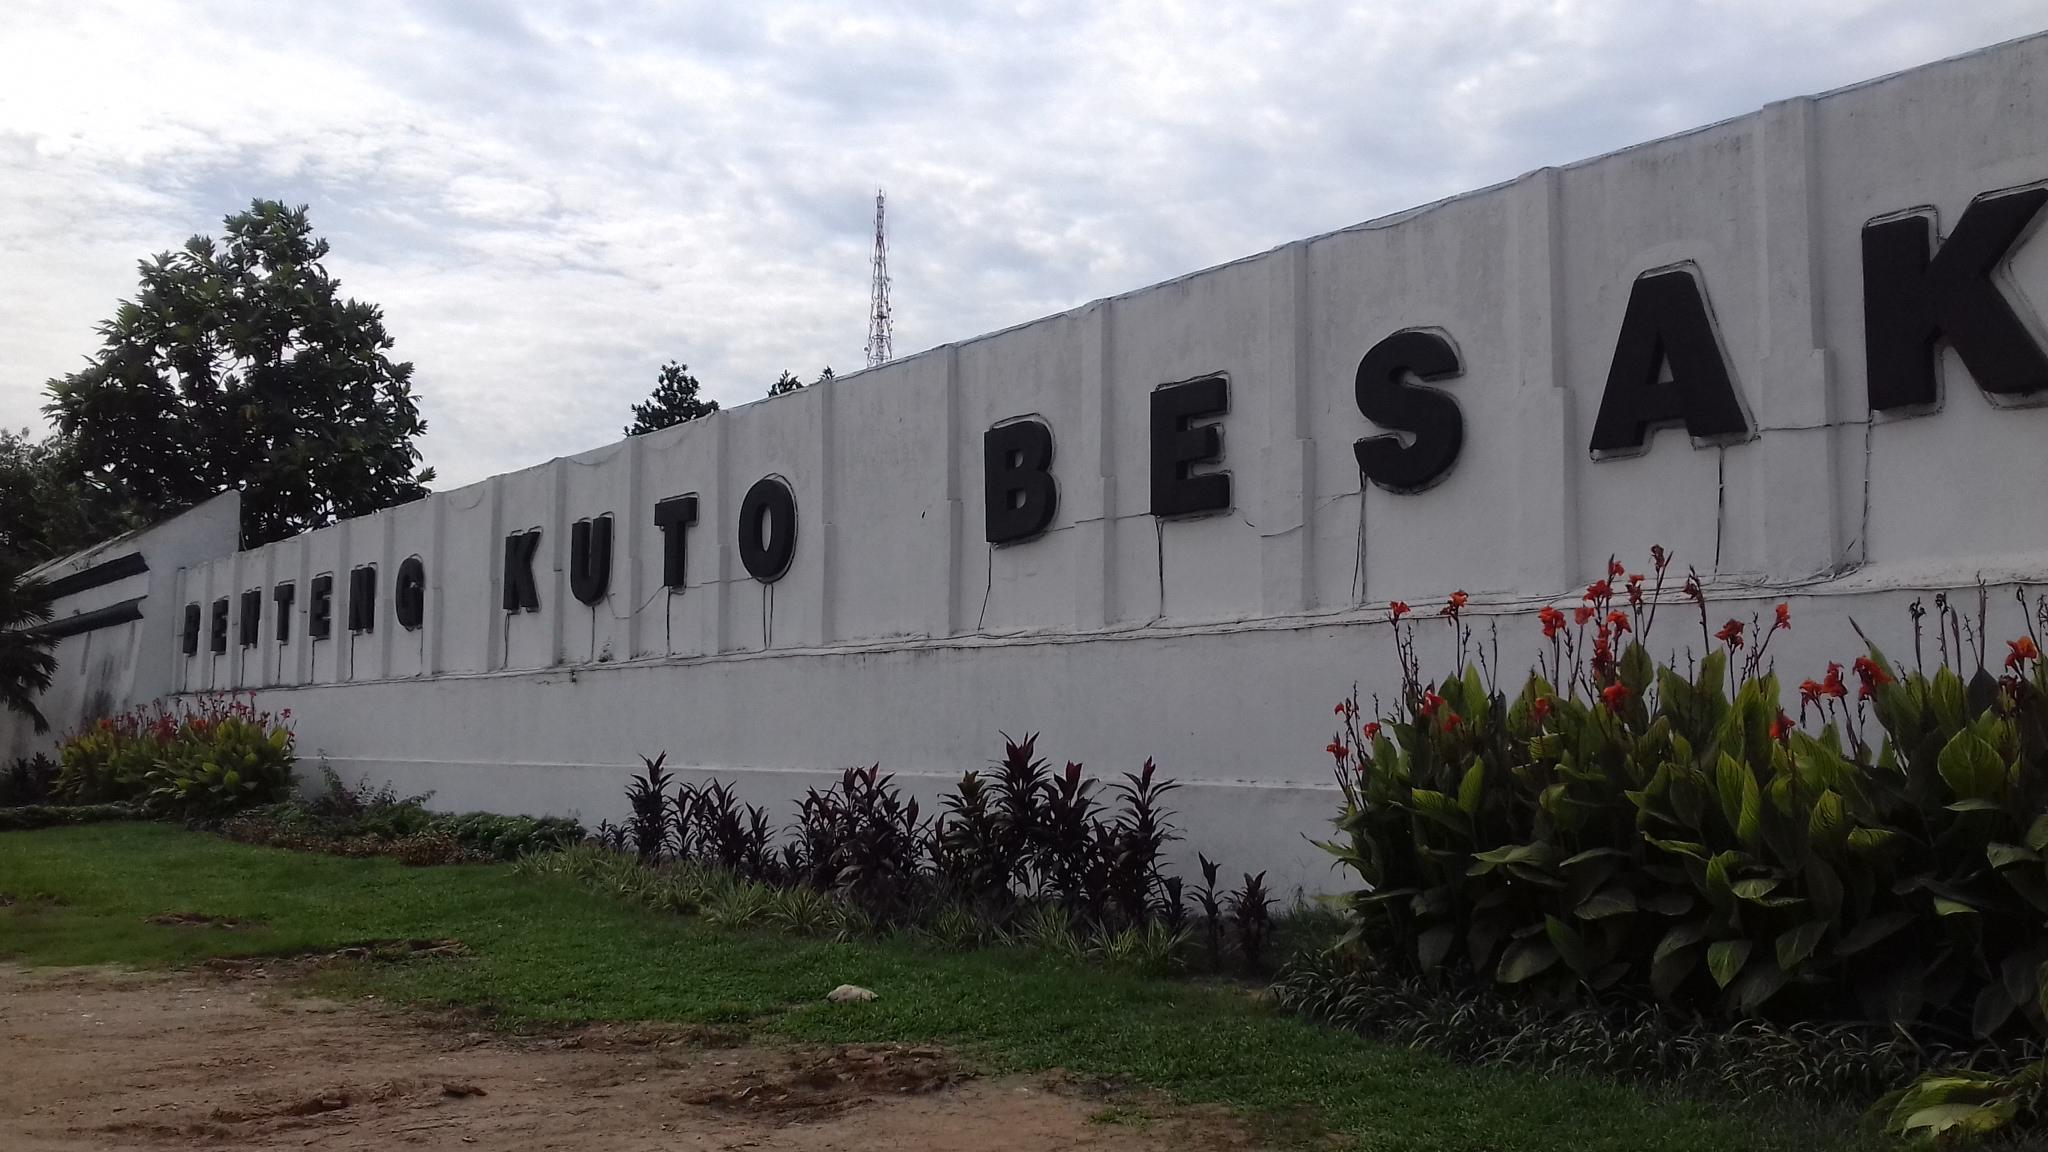 Benteng Kuto Besak Bagian Sejarah Peradaban Kota Palembang Oleh Frans